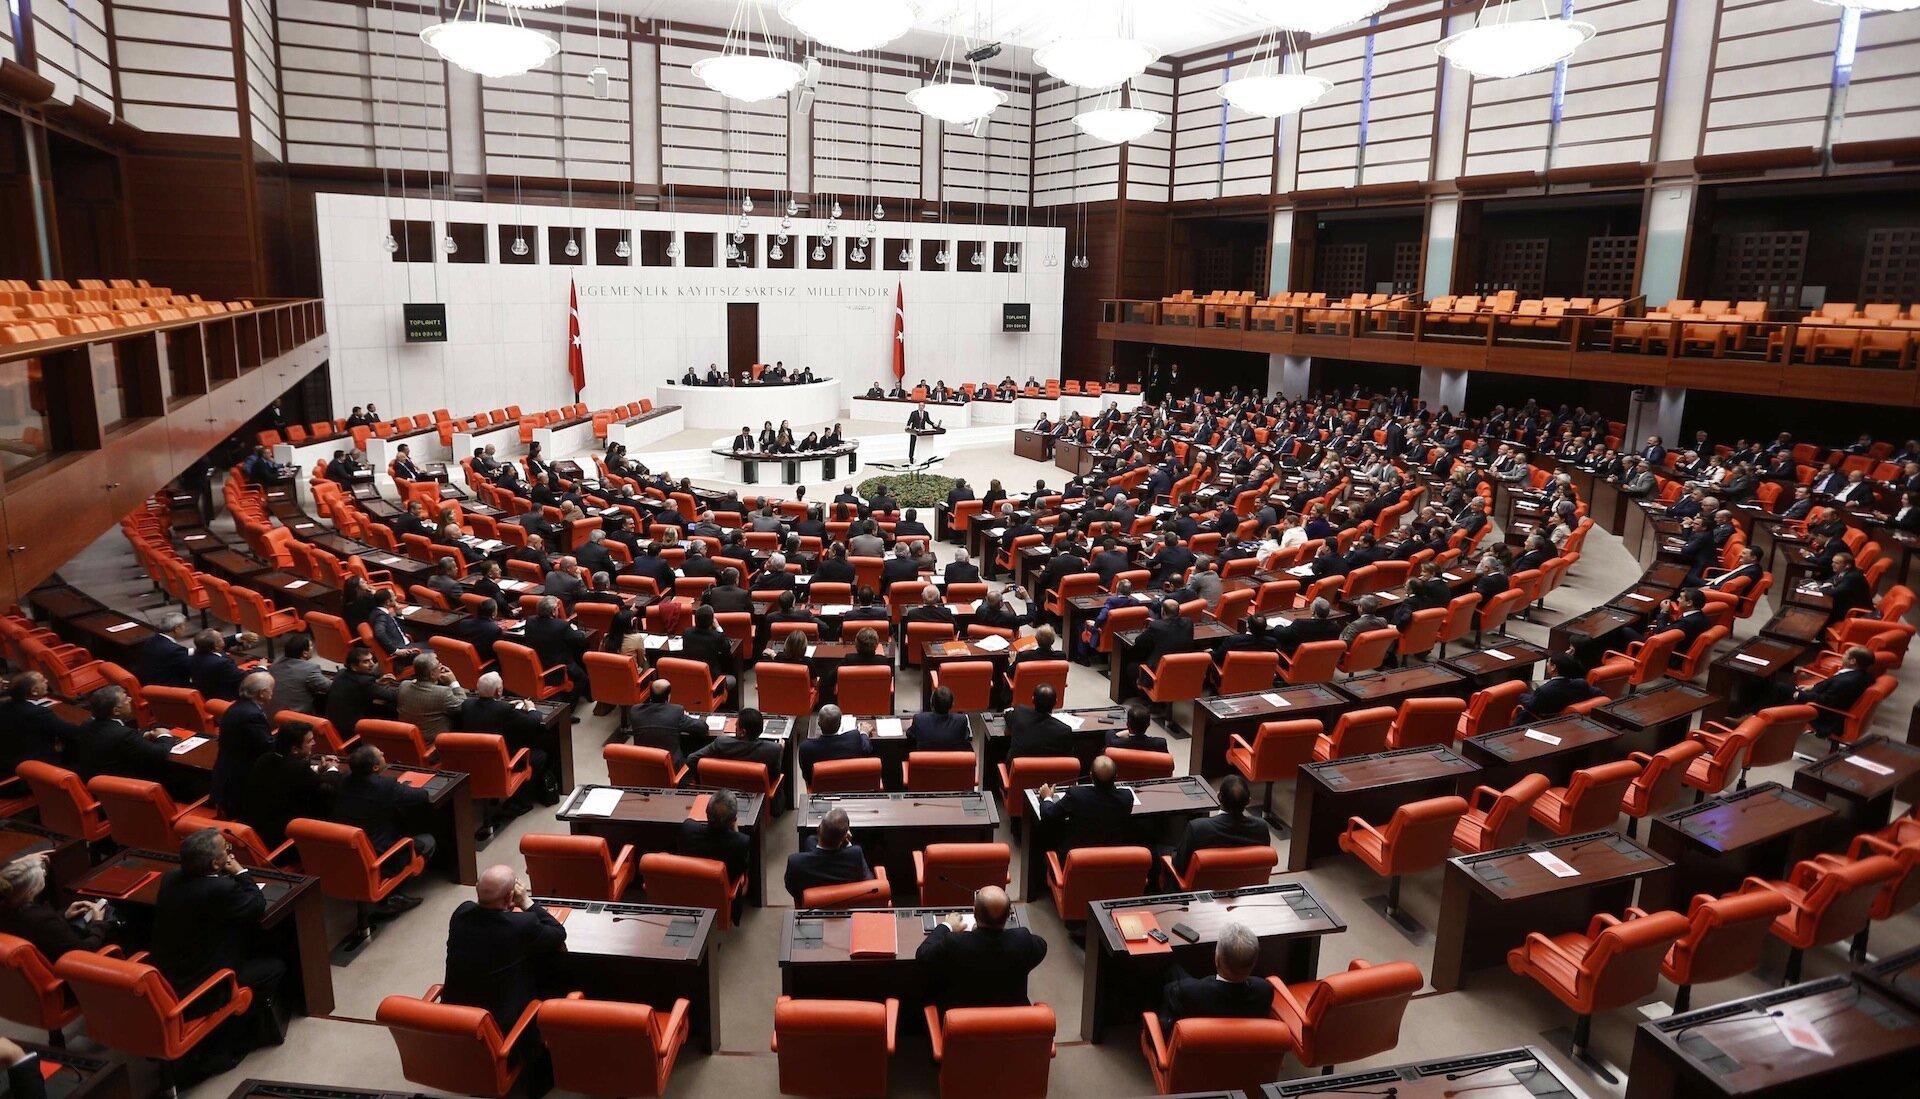 Türkiye Büyük Millet Meclisi tatilde ise derhal toplantıya çağırılır. Meclis, olağanüstü hal süresini değiştirebilir, Bakanlar Kurulunun istemi üzerine, her defasında dört ayı geçmemek üzere, süreyi uzatabilir veya olağanüstü hali kaldırabilir.